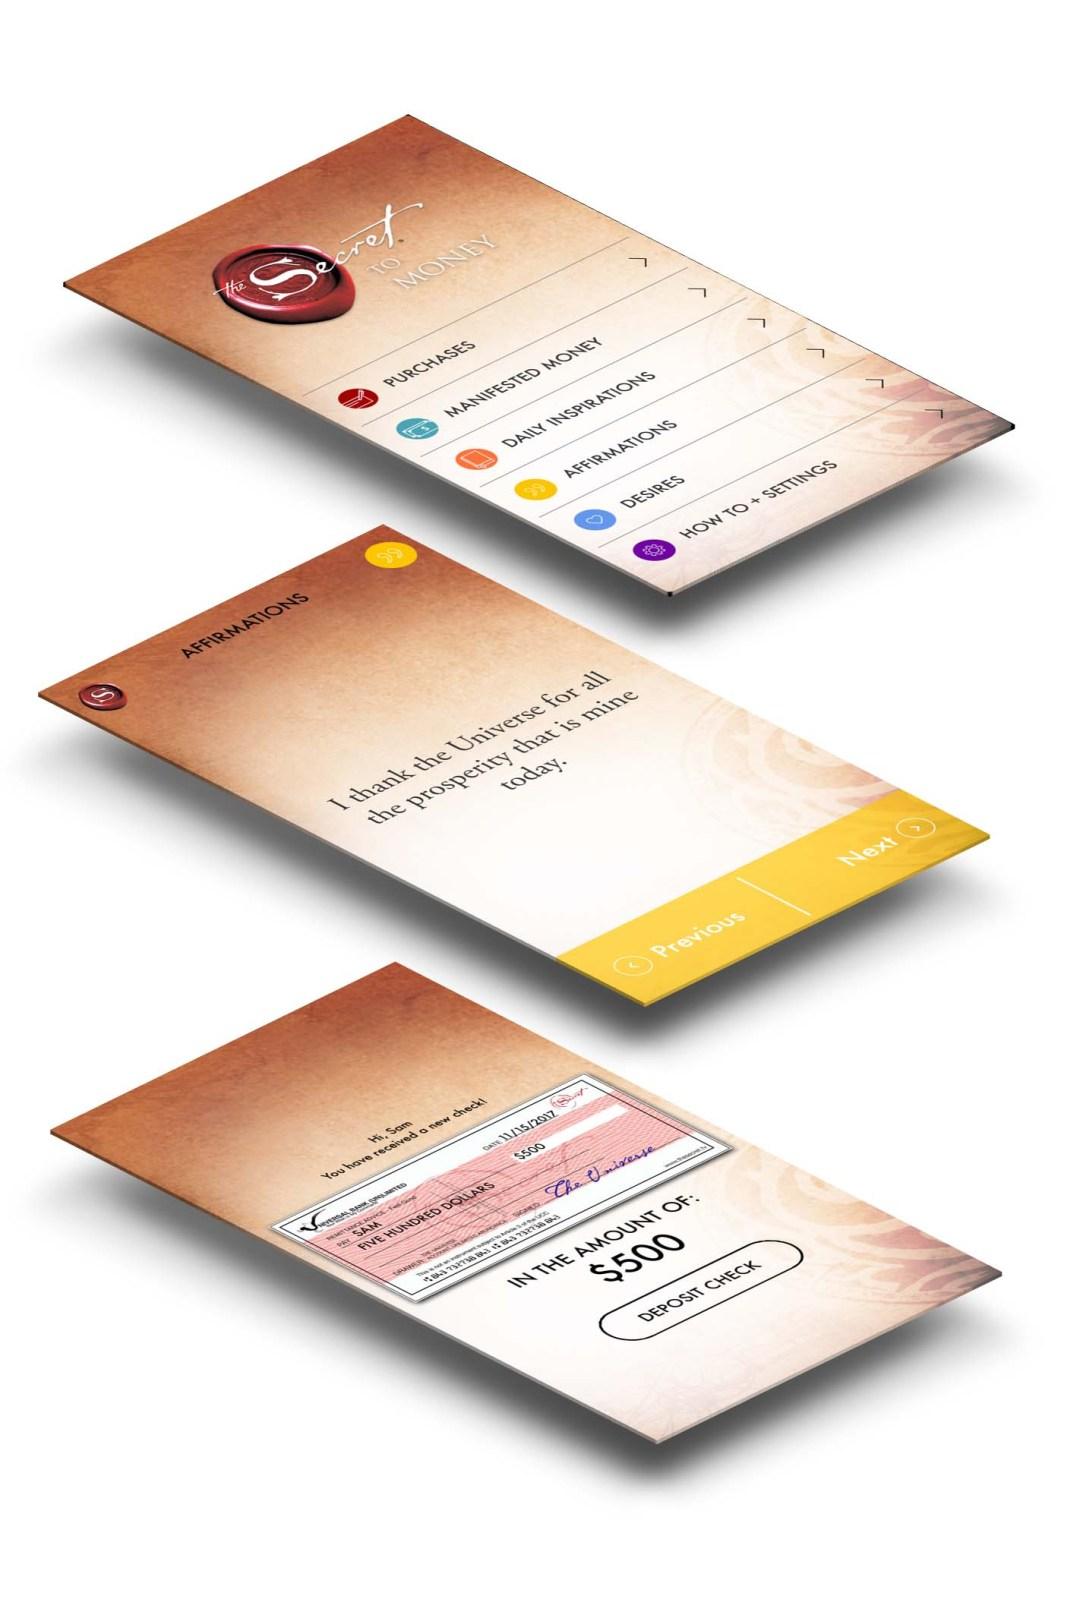 The Secret app developed by DreamWalk App Development